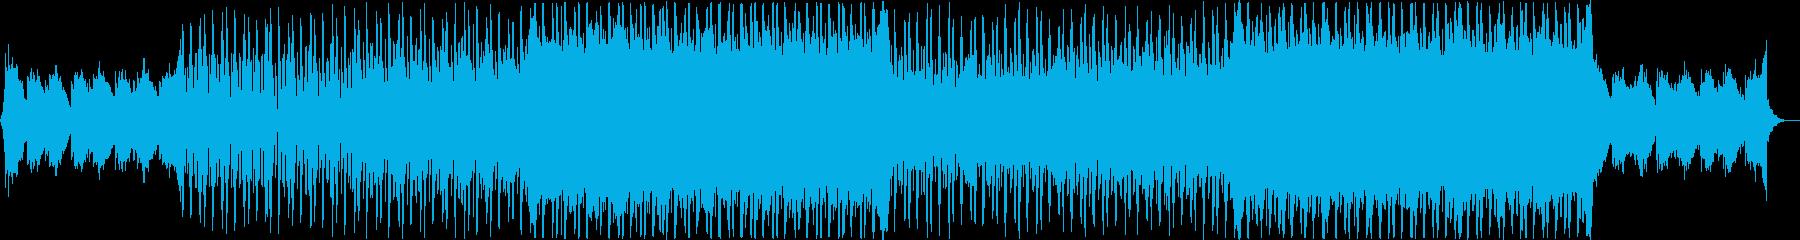 切ない、クール、EDMの再生済みの波形